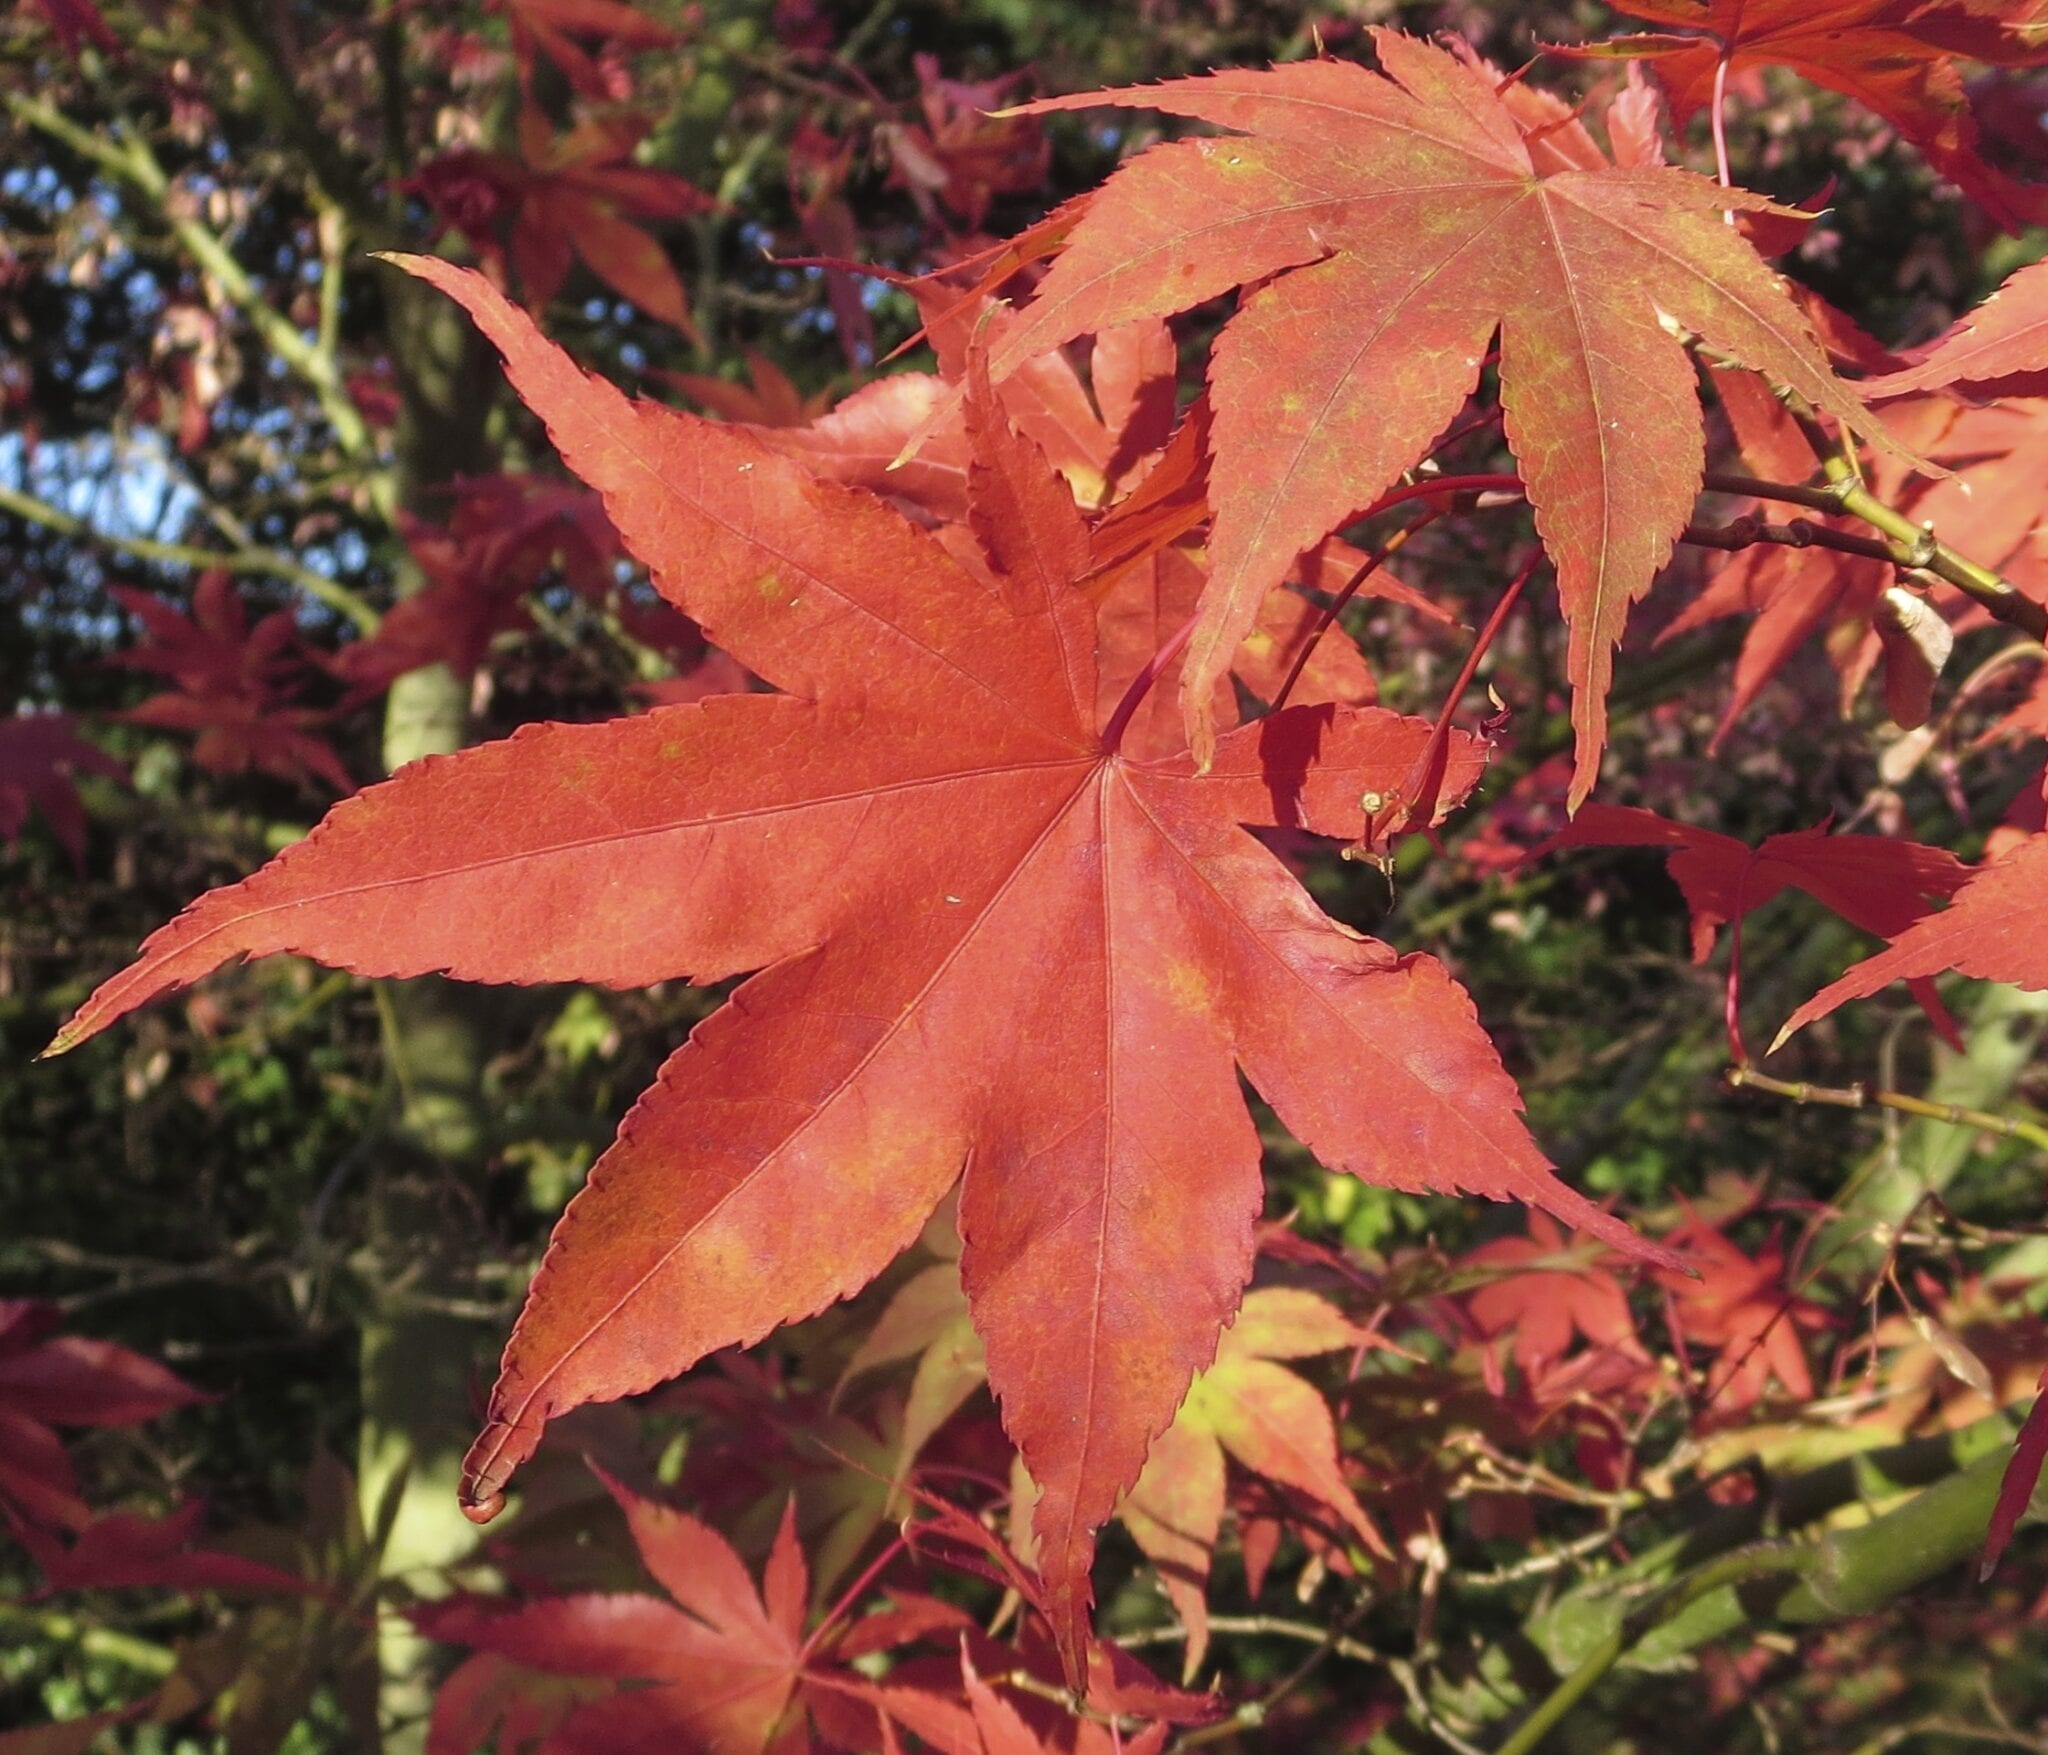 japanese maple 'ozakasuki' leaf in autumn